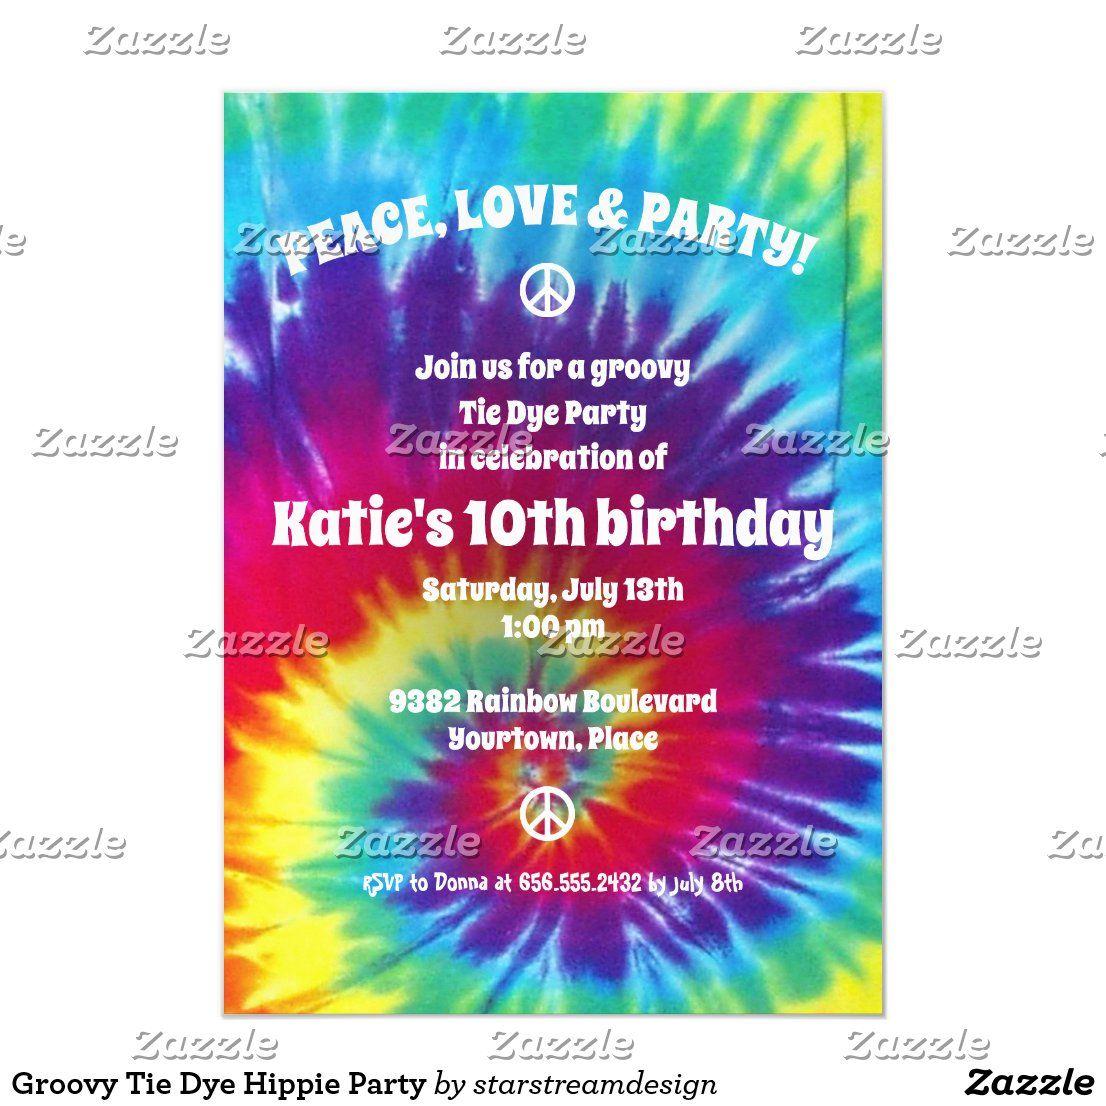 Groovy Tie Dye Hippie Party Invitation Zazzle Com Hippie Party Hippie Birthday Party Party Invitations